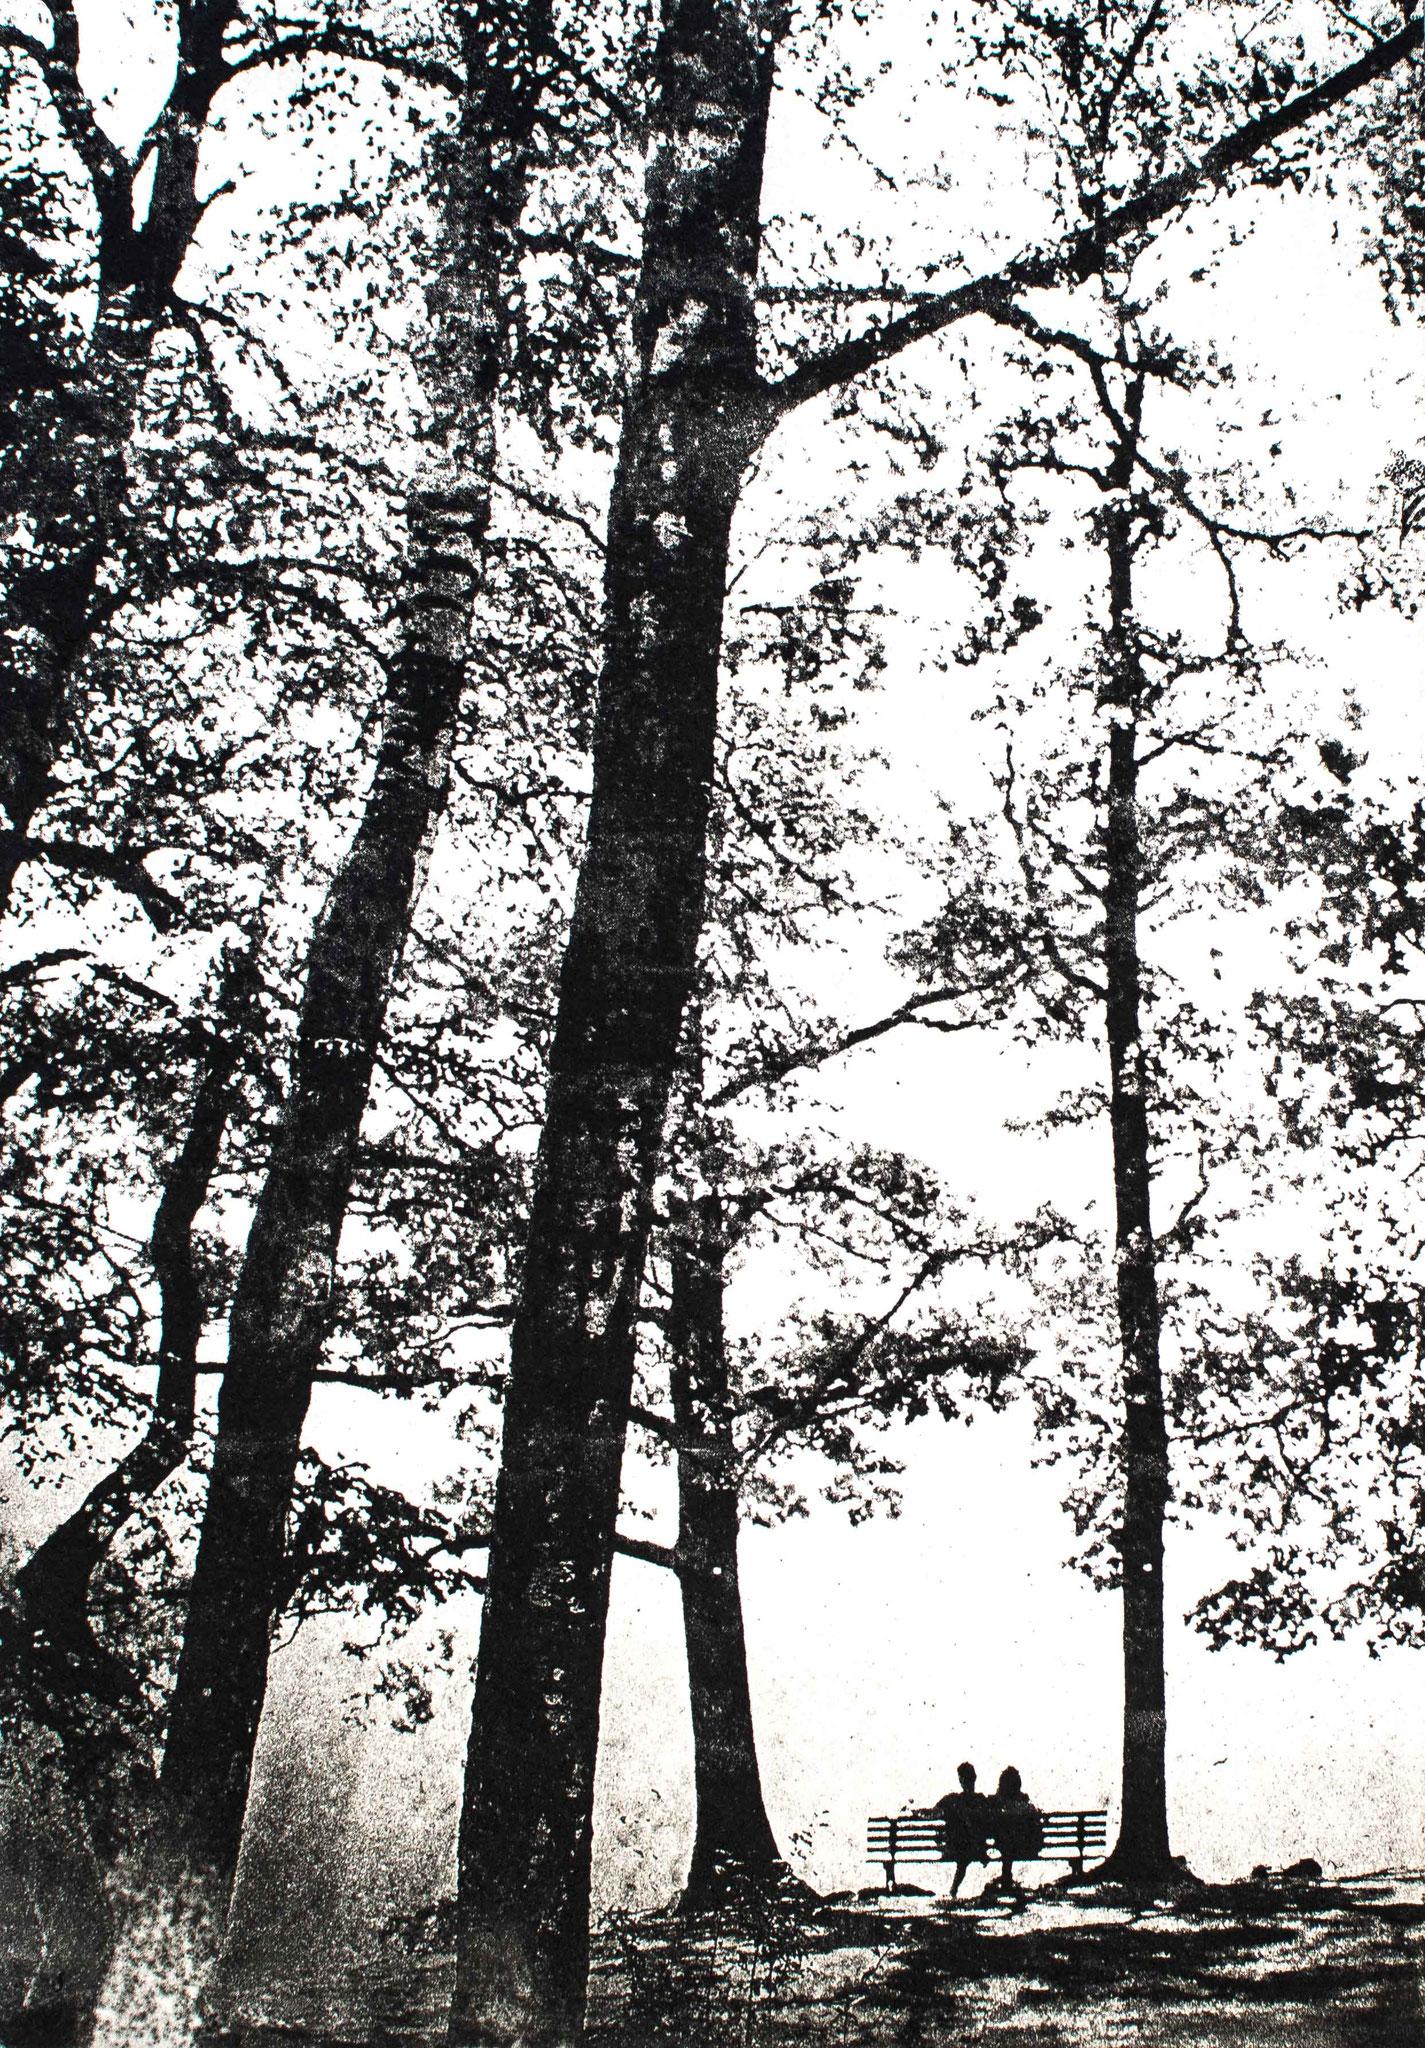 Intagliotypie, 20x30 cm, Zweisamkeit